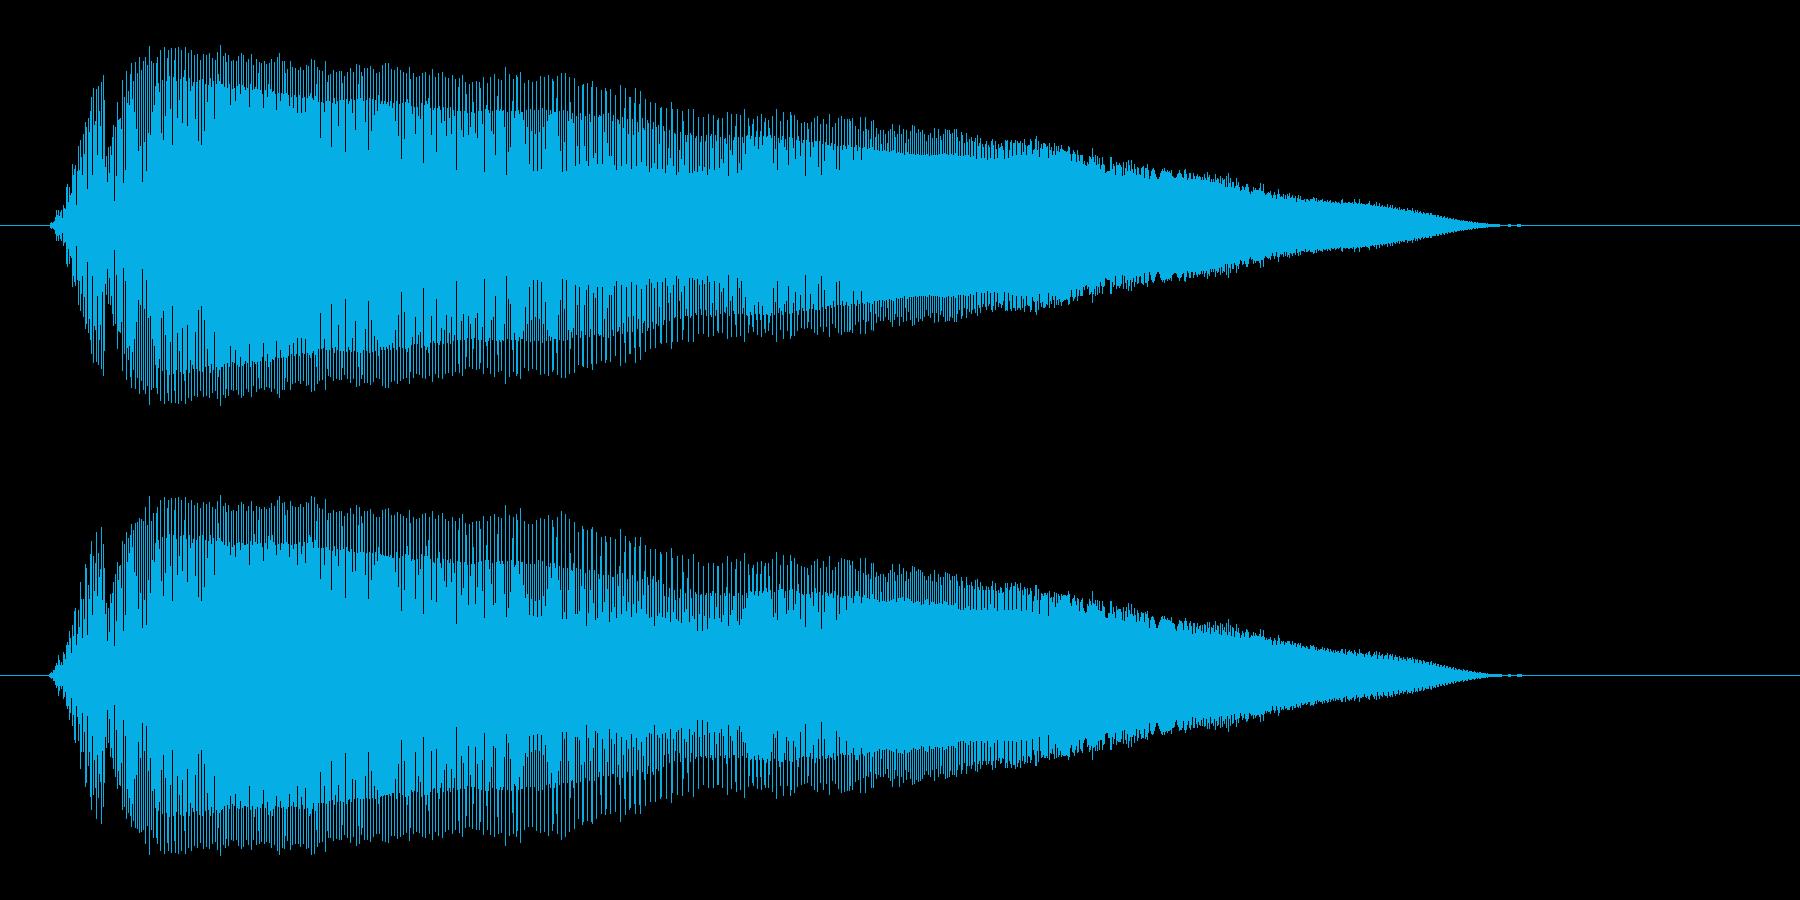 ピュウウウ(ネズミの鳴き声のような音)の再生済みの波形